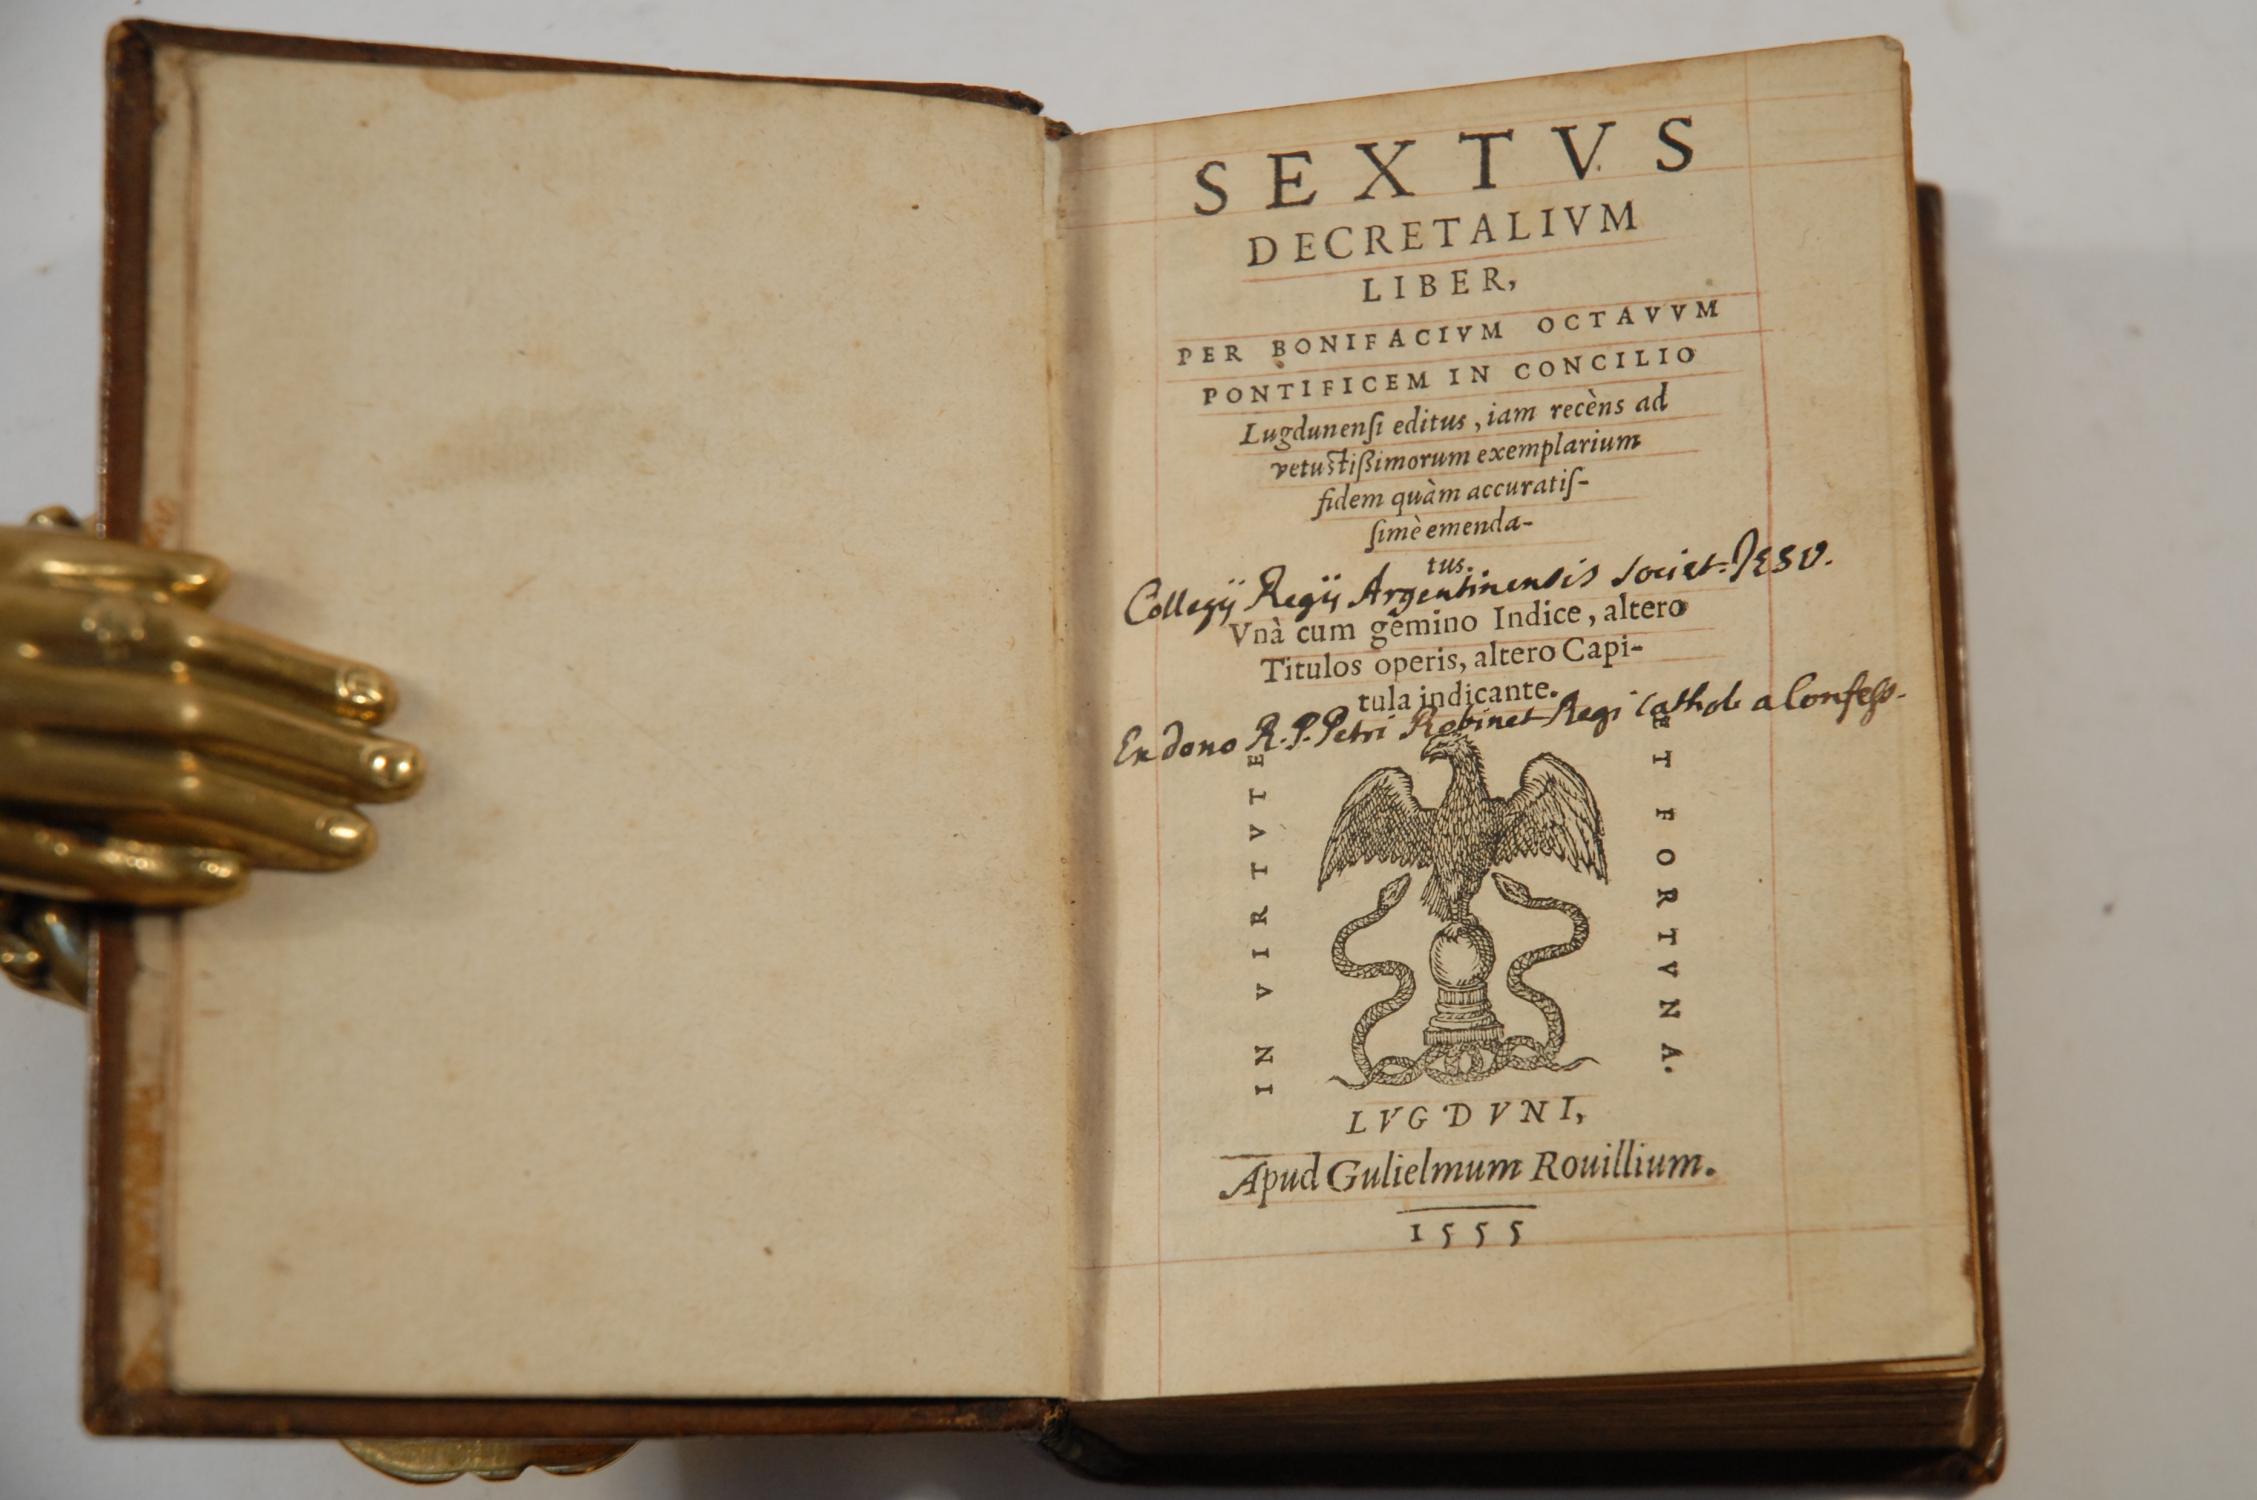 sextus decretalium liber jam recens ad vetustissimorum exemplarium fidem quam accuratissime. Black Bedroom Furniture Sets. Home Design Ideas